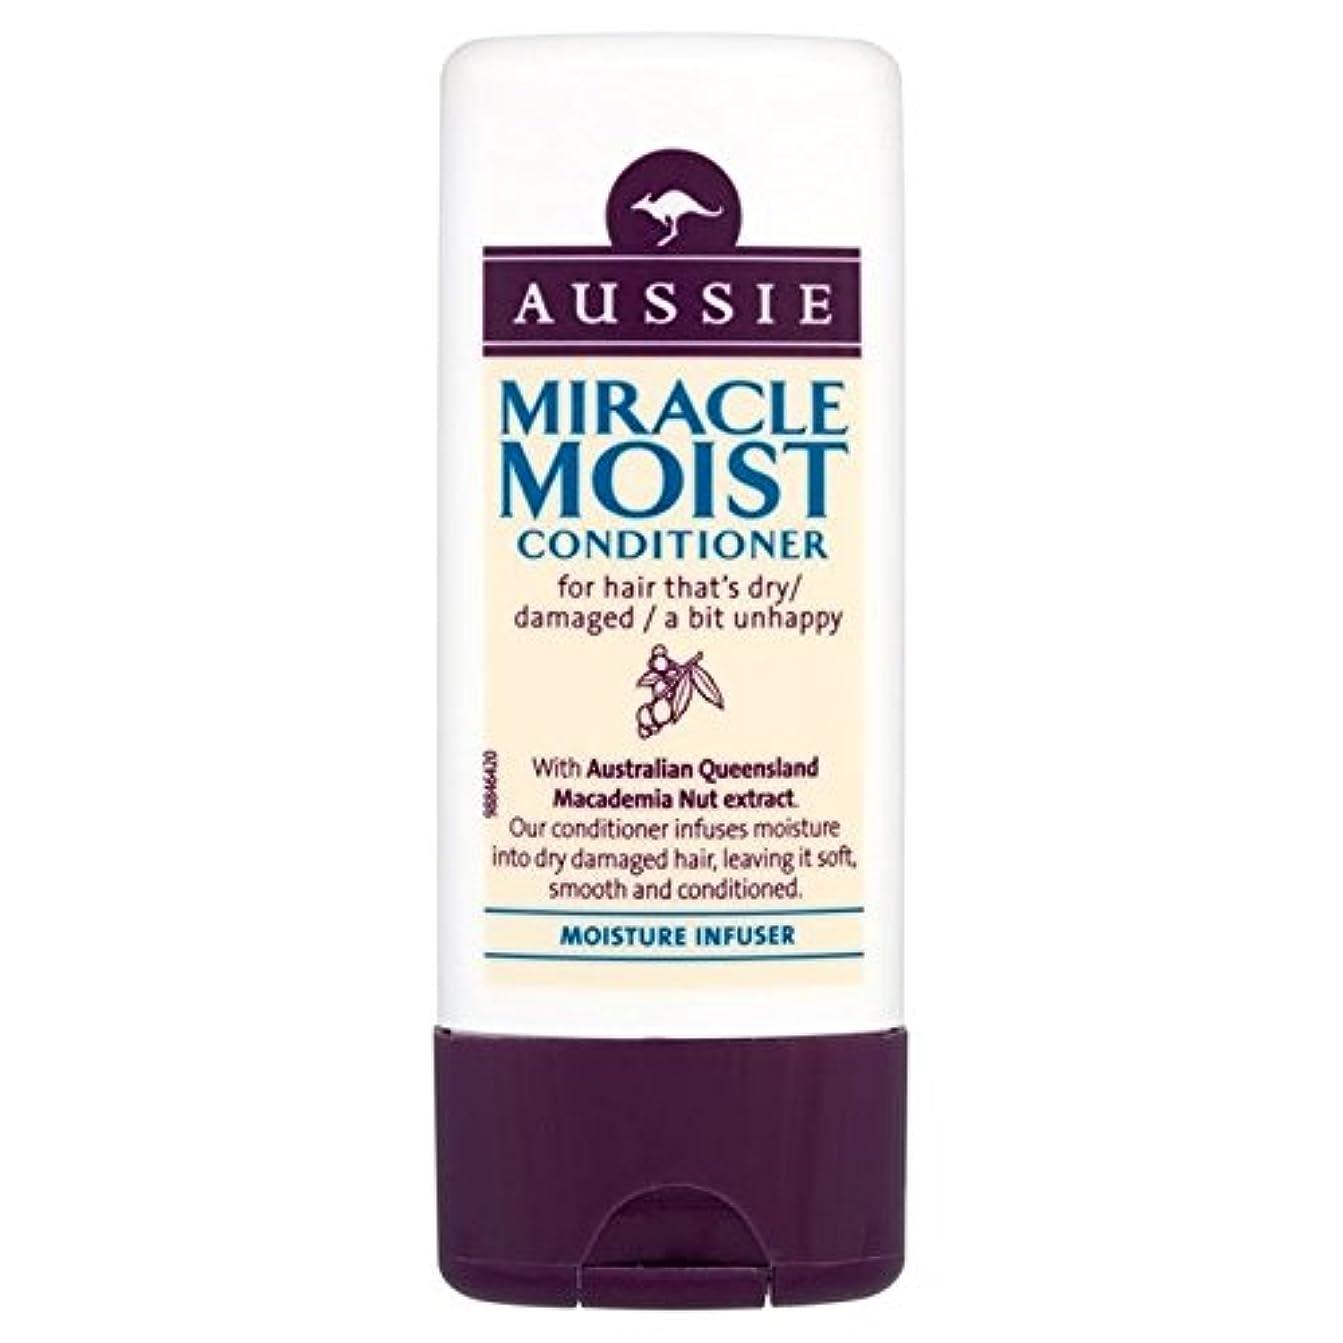 スリーブスラダム神社Aussie Miracle Moist Travel Conditioner 75ml - オージー奇跡湿った旅行コンディショナー75ミリリットル [並行輸入品]